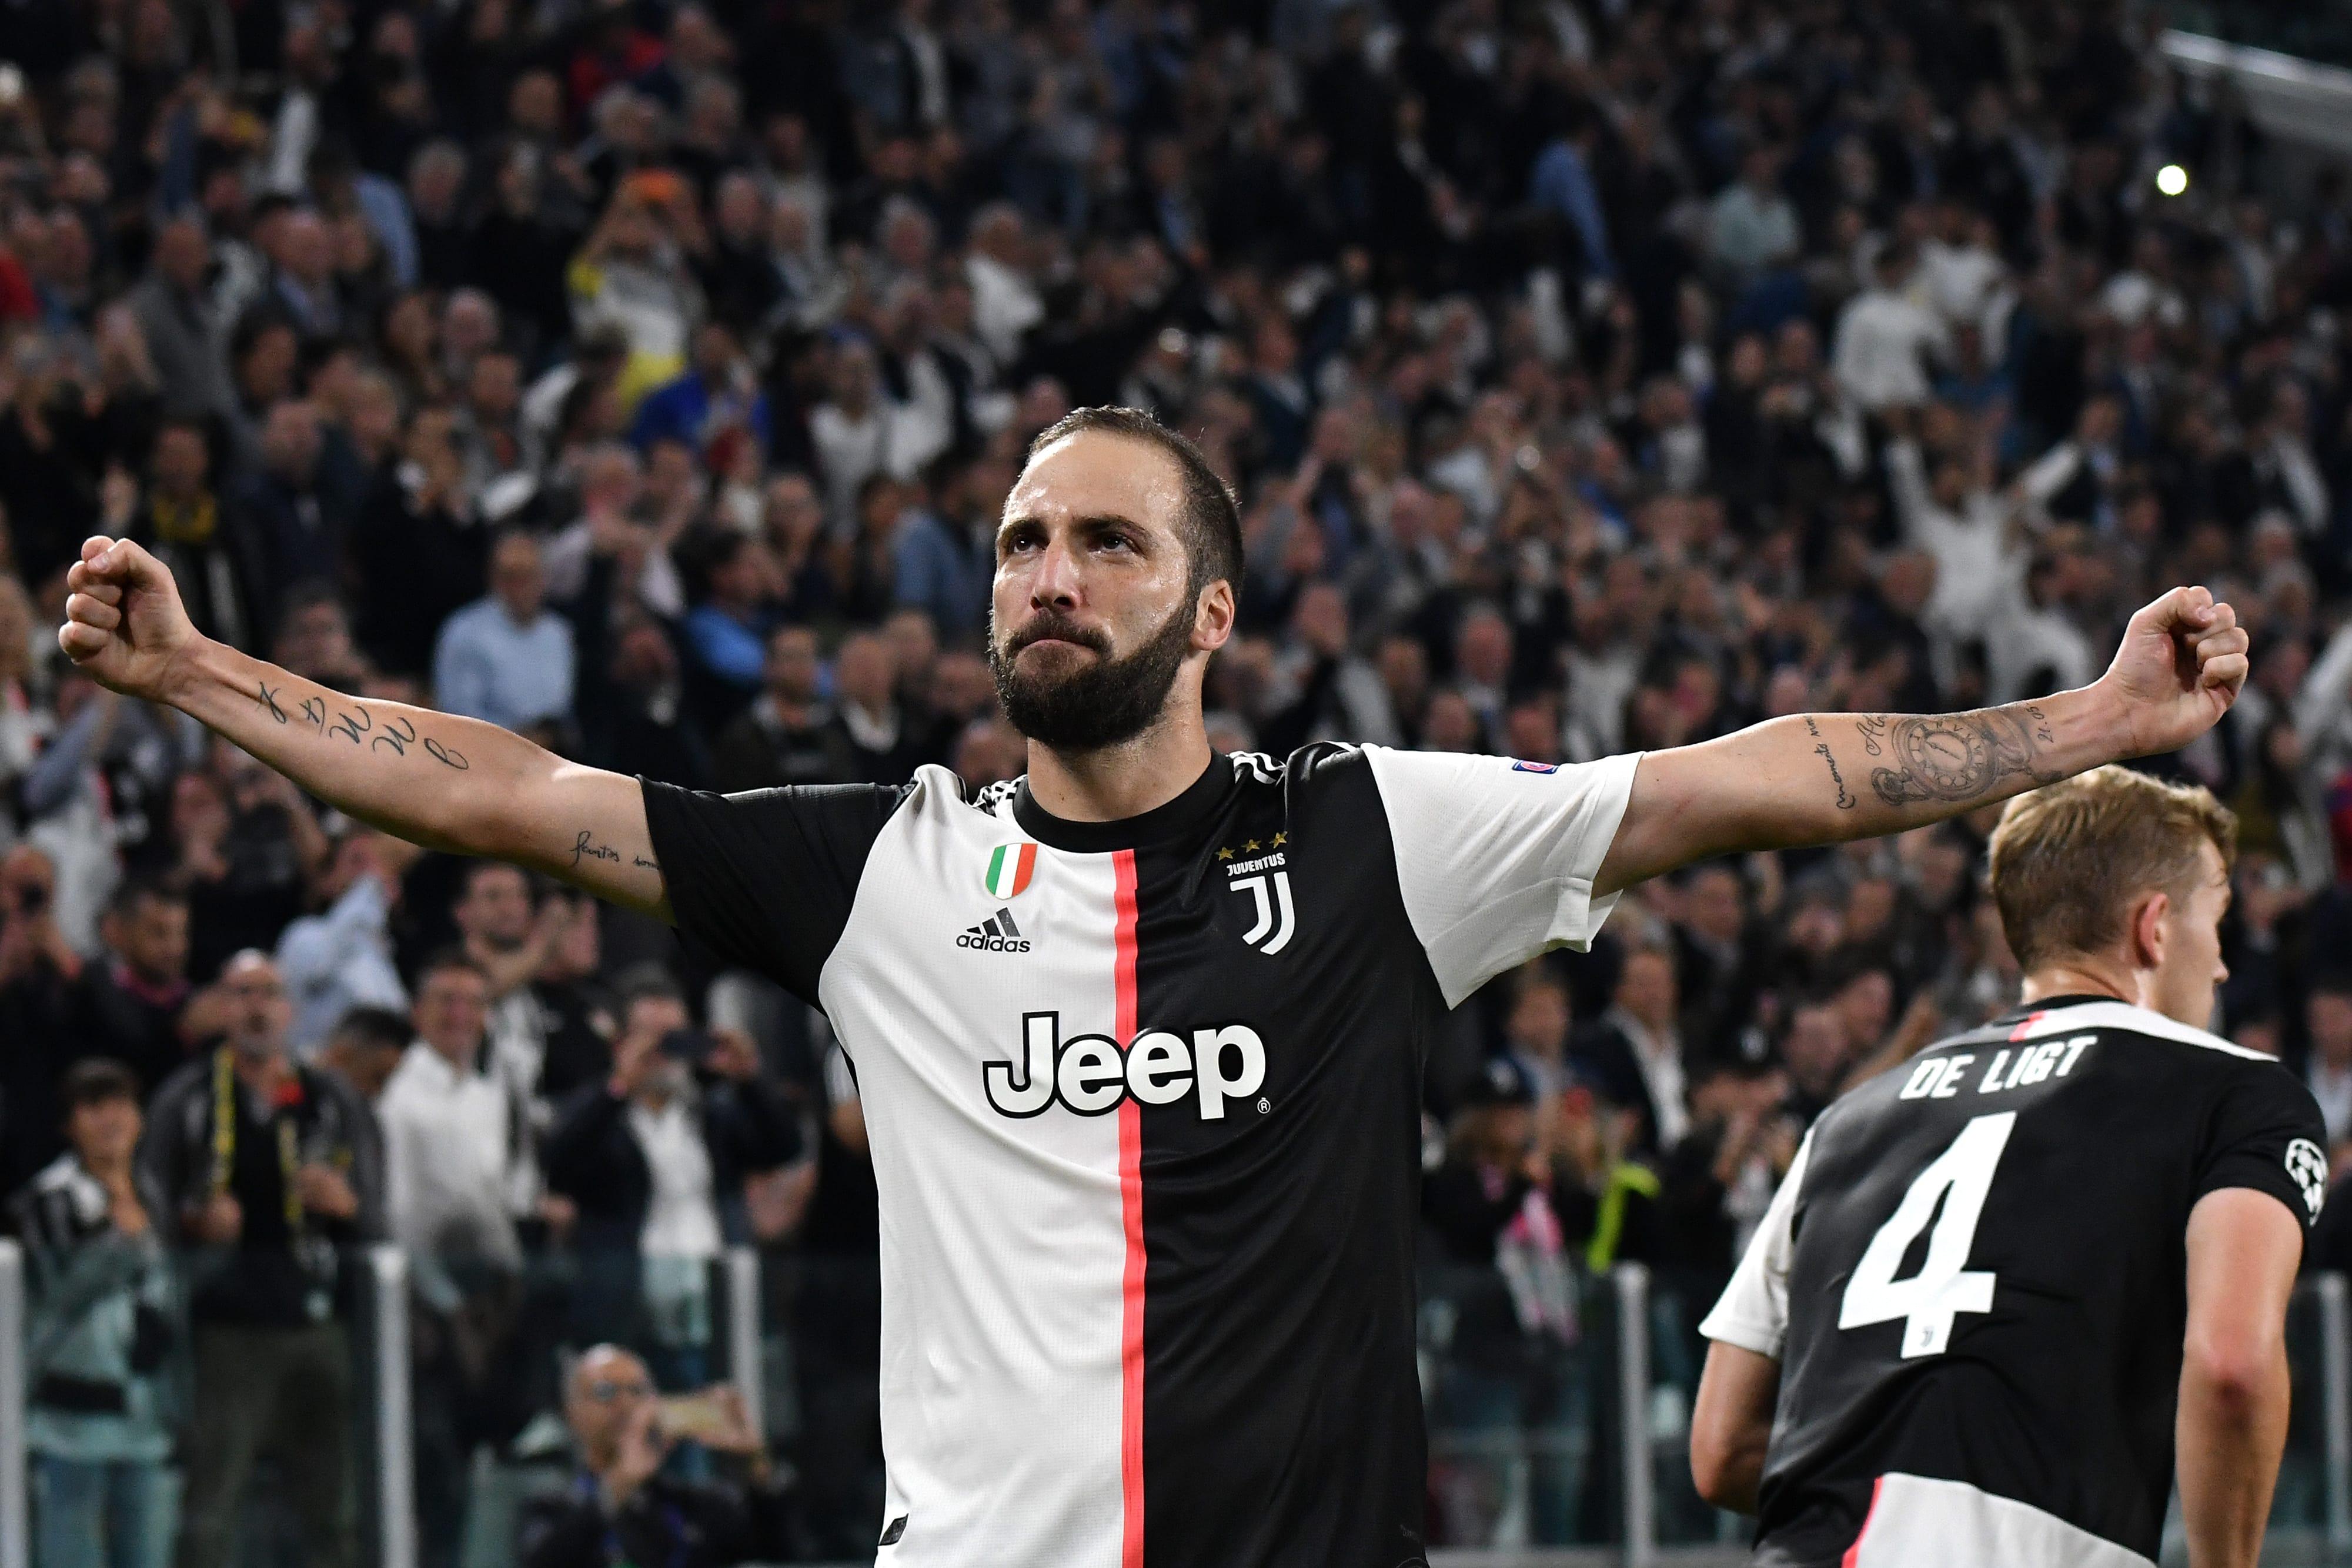 From AC Milan-Juventus to Juventus-AC Milan - Gonzalo Higuain's past 12 months